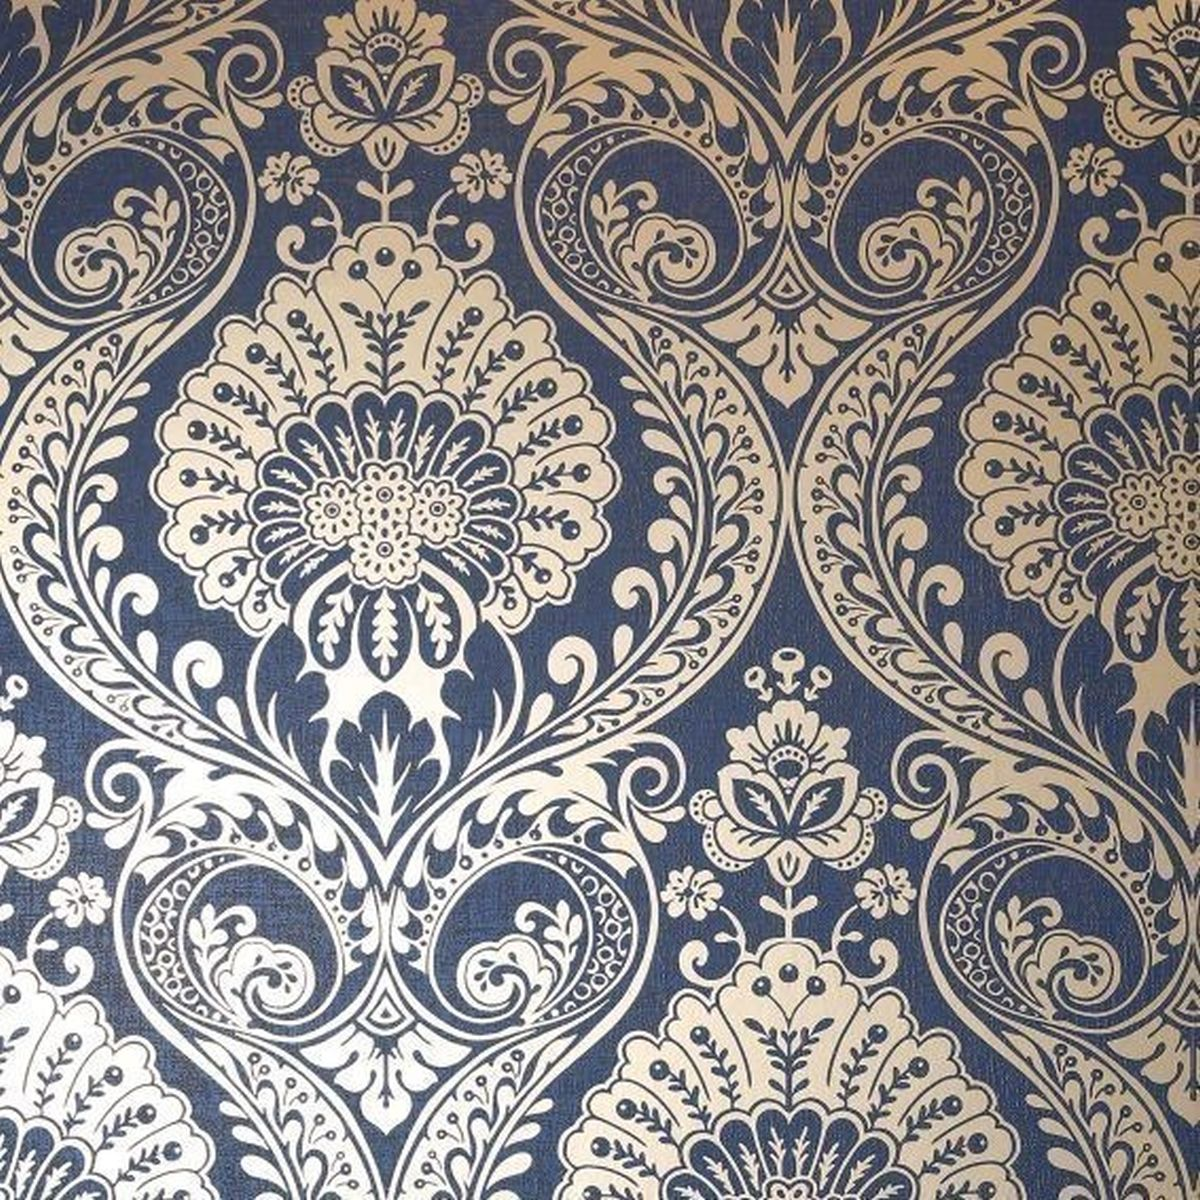 Best of Arthouse Vliestapete Edles Design 910308 Blau Barock Tapete